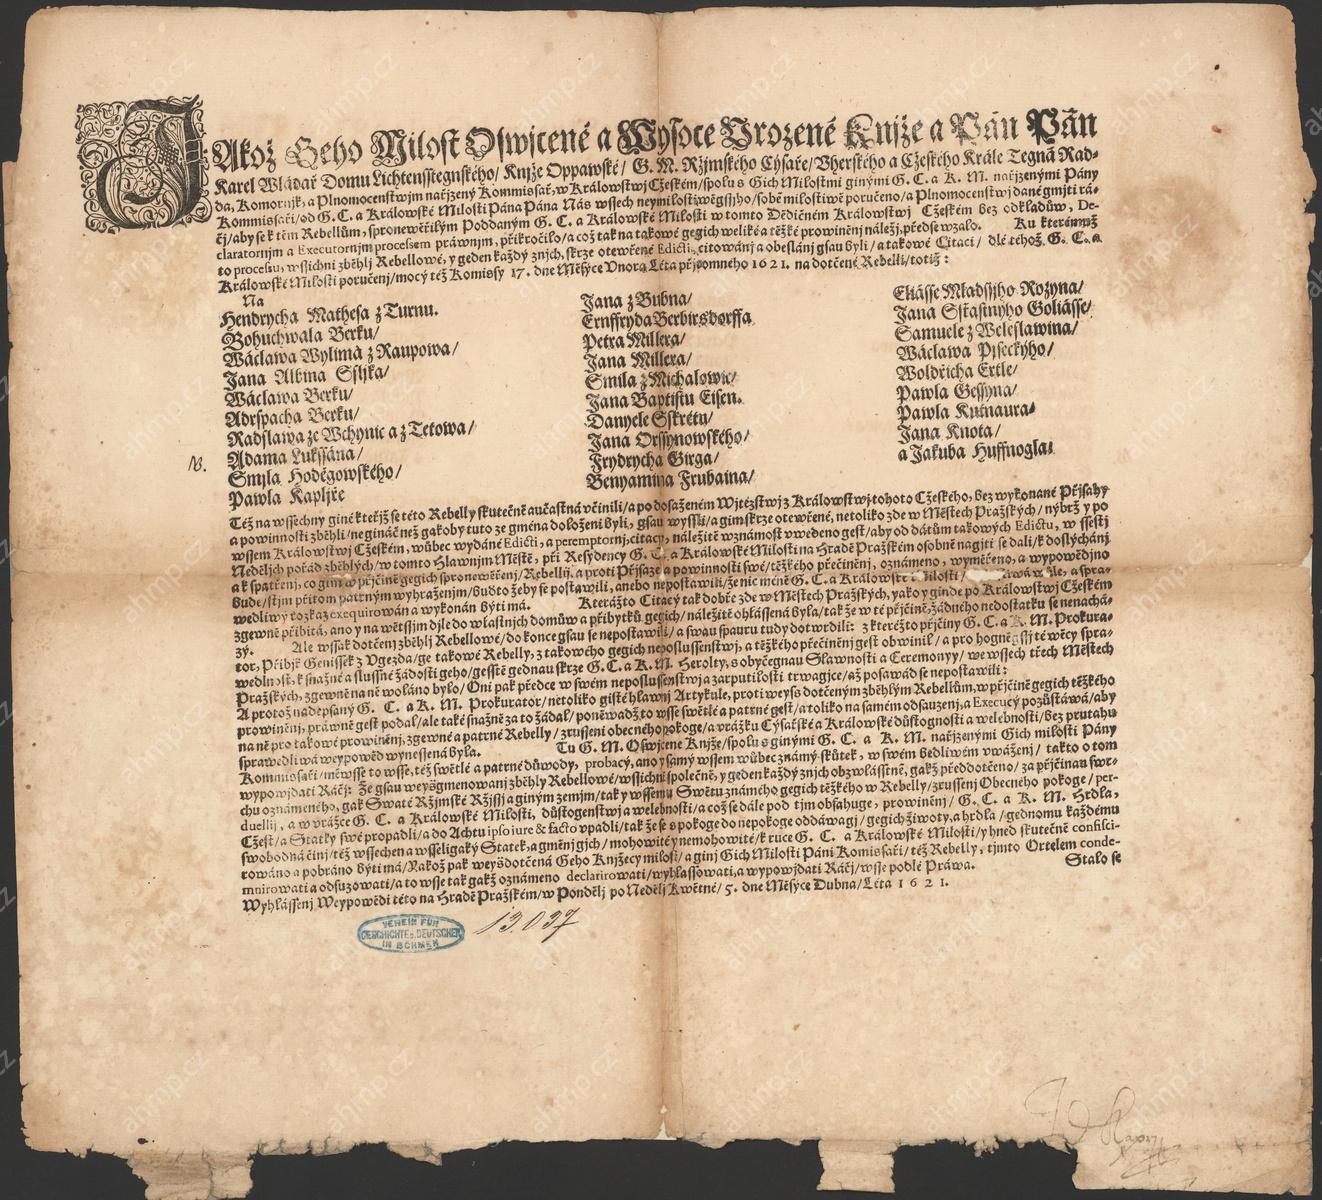 Místodržící Karel z Lichtenštejna uveřejňuje jména rebelů ze stavovského povstání a zahajuje jejich stíhání a konfiskaci majetků, 5. 4. 1621, AMP, Sbírka soudobé dokumentace do roku 1989, inv. č. 654. Pobělohorské konfiskace majetků se dotkly nejprve rebelů, kteří se nedožili roku 1621 a zemřeli ještě během povstání. Další vlna trestů se týkala uprchlíků, kterým se podařilo uniknout do emigrace. Souběžně probíhal proces s těmi, kteří byli od sklonku roku 1620 zatýkáni jako vůdci povstání.